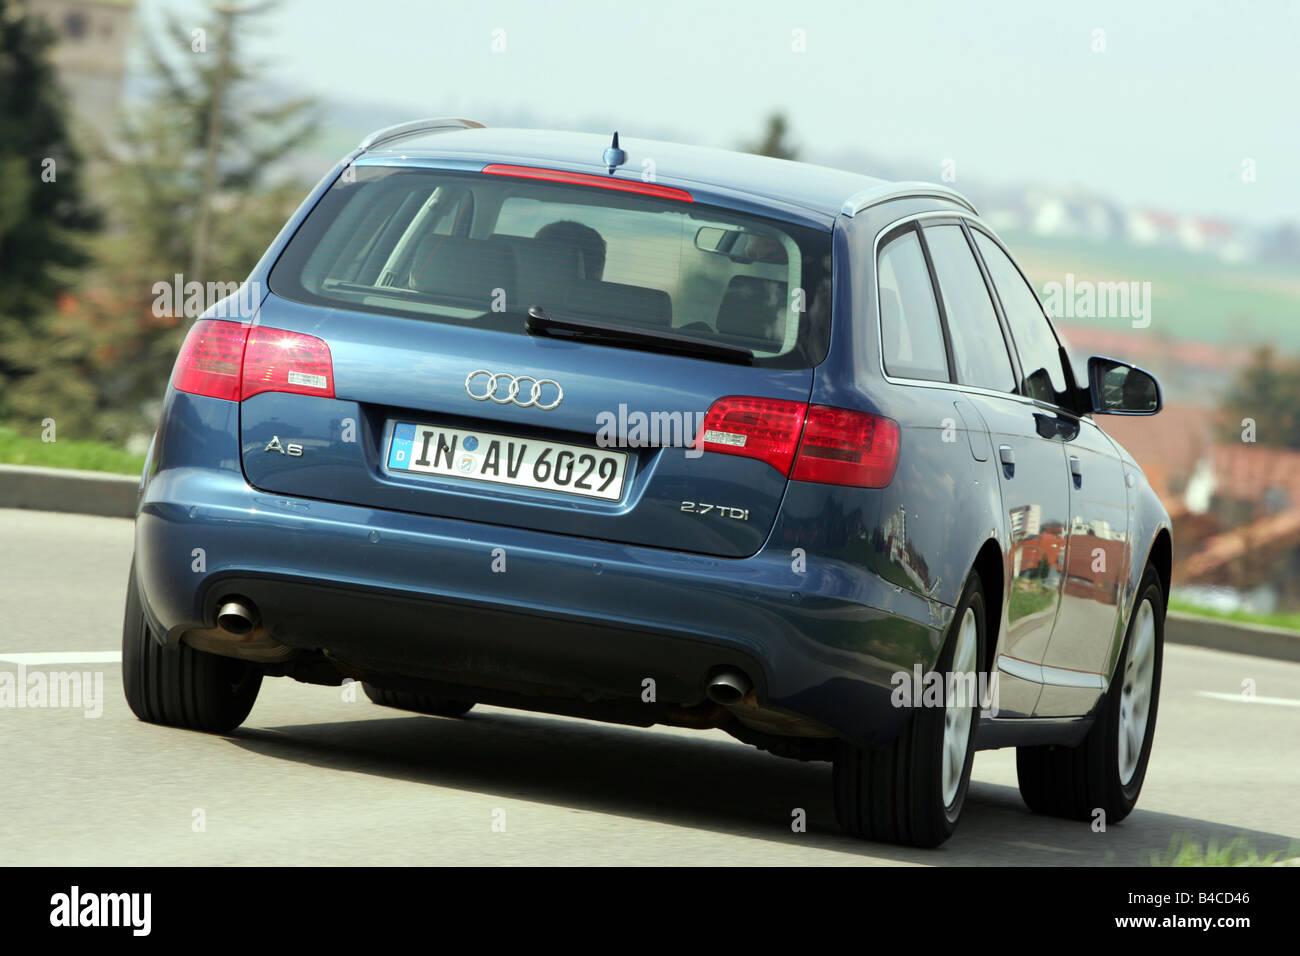 Kelebihan Audi 2.7 Tdi Spesifikasi